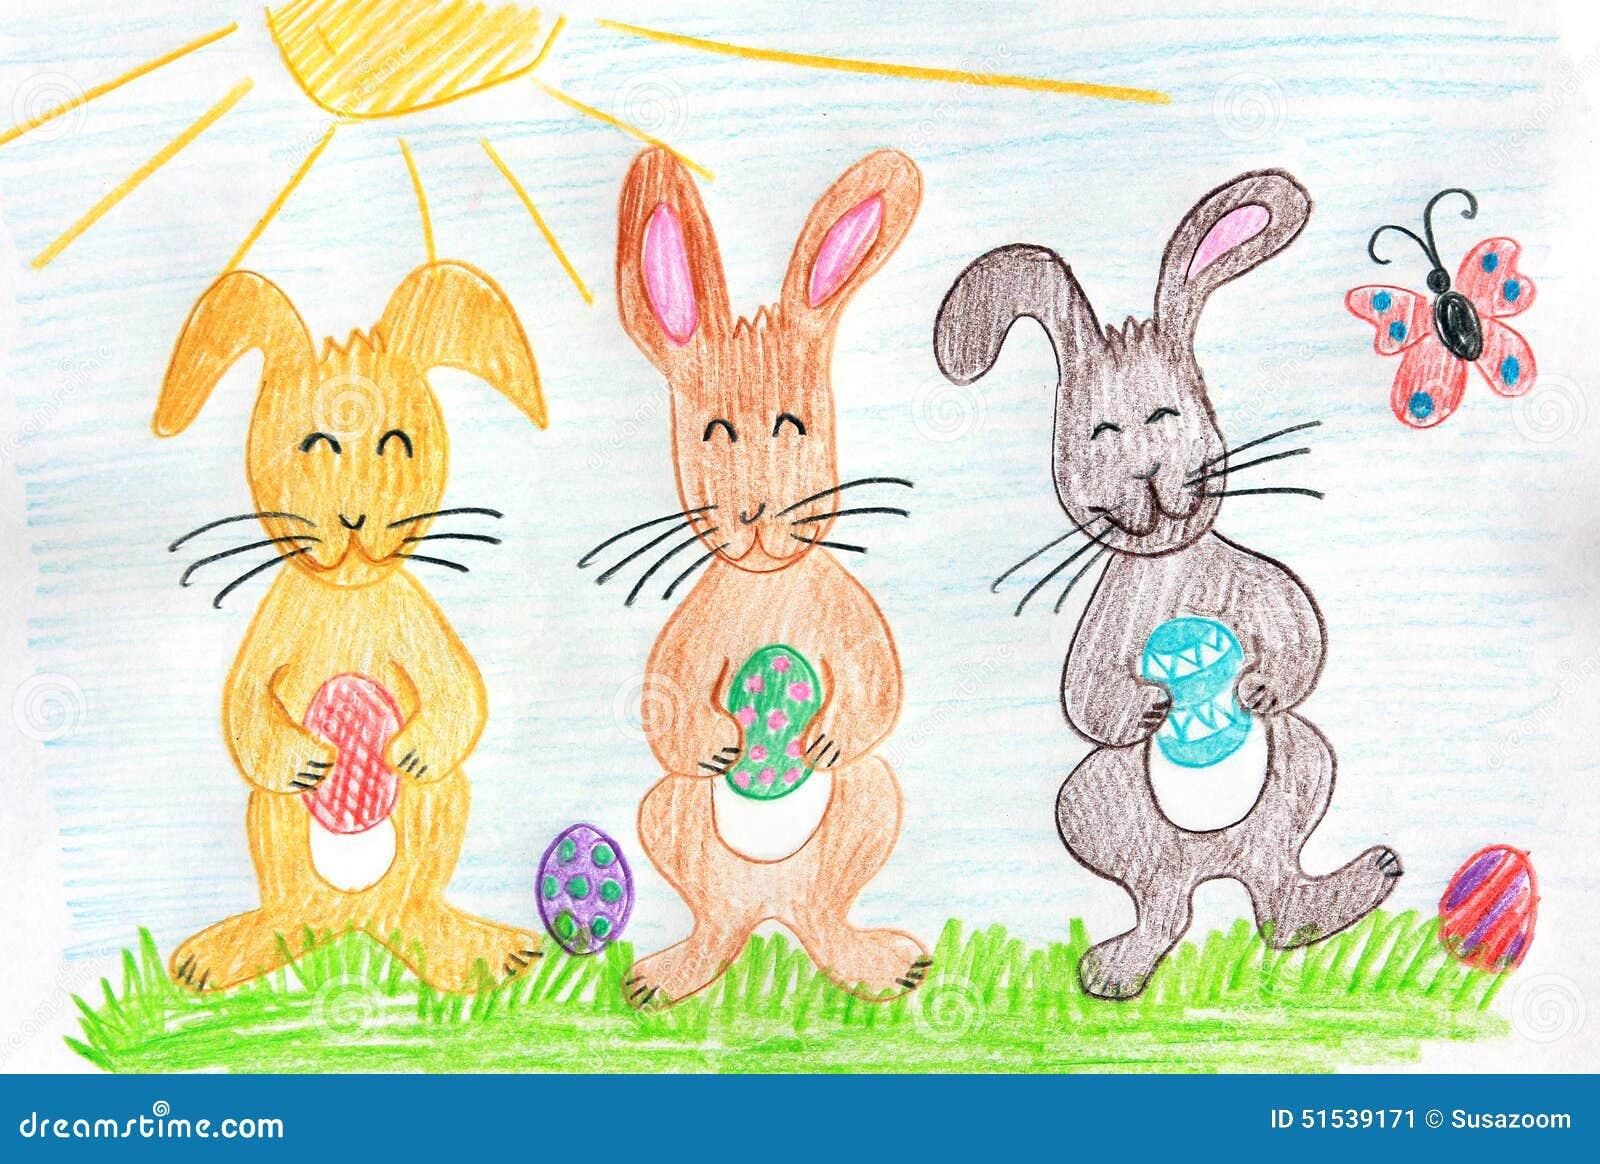 关于兔子的儿童画